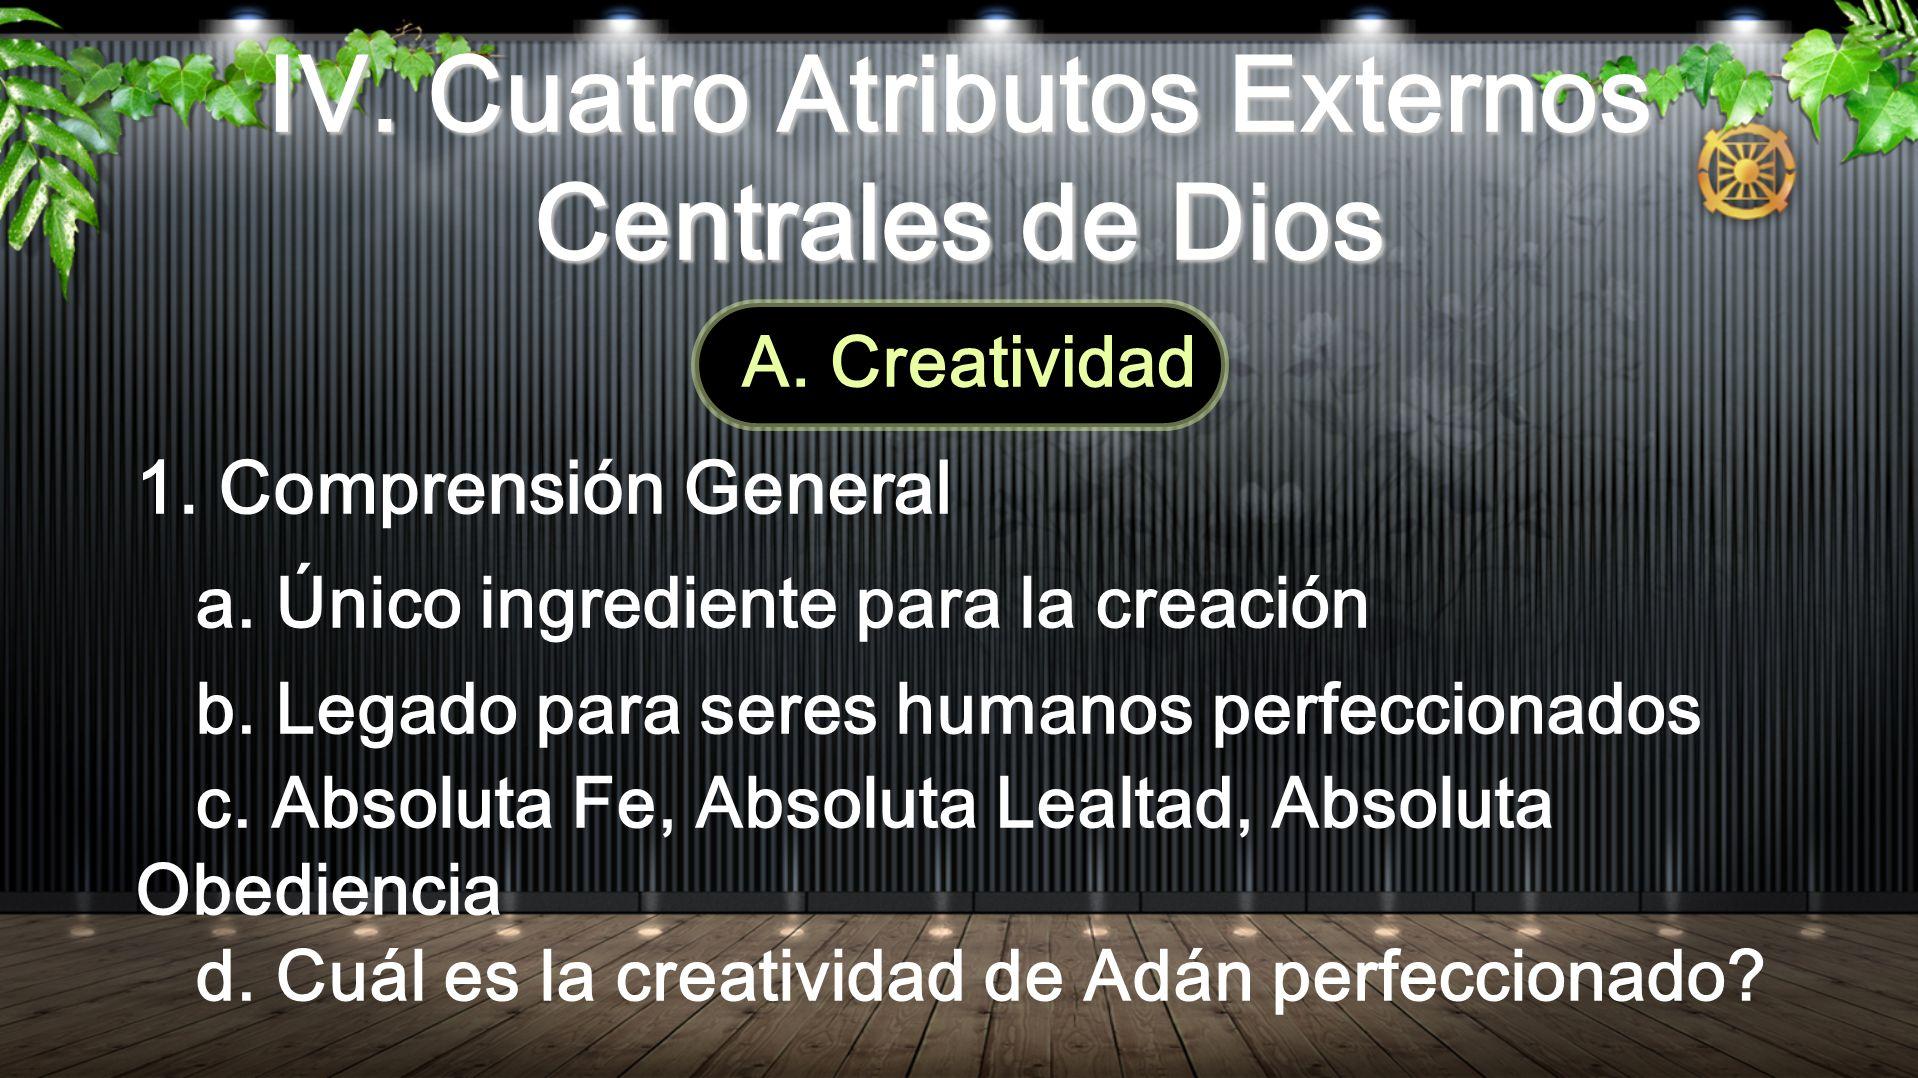 IV. Cuatro Atributos Externos